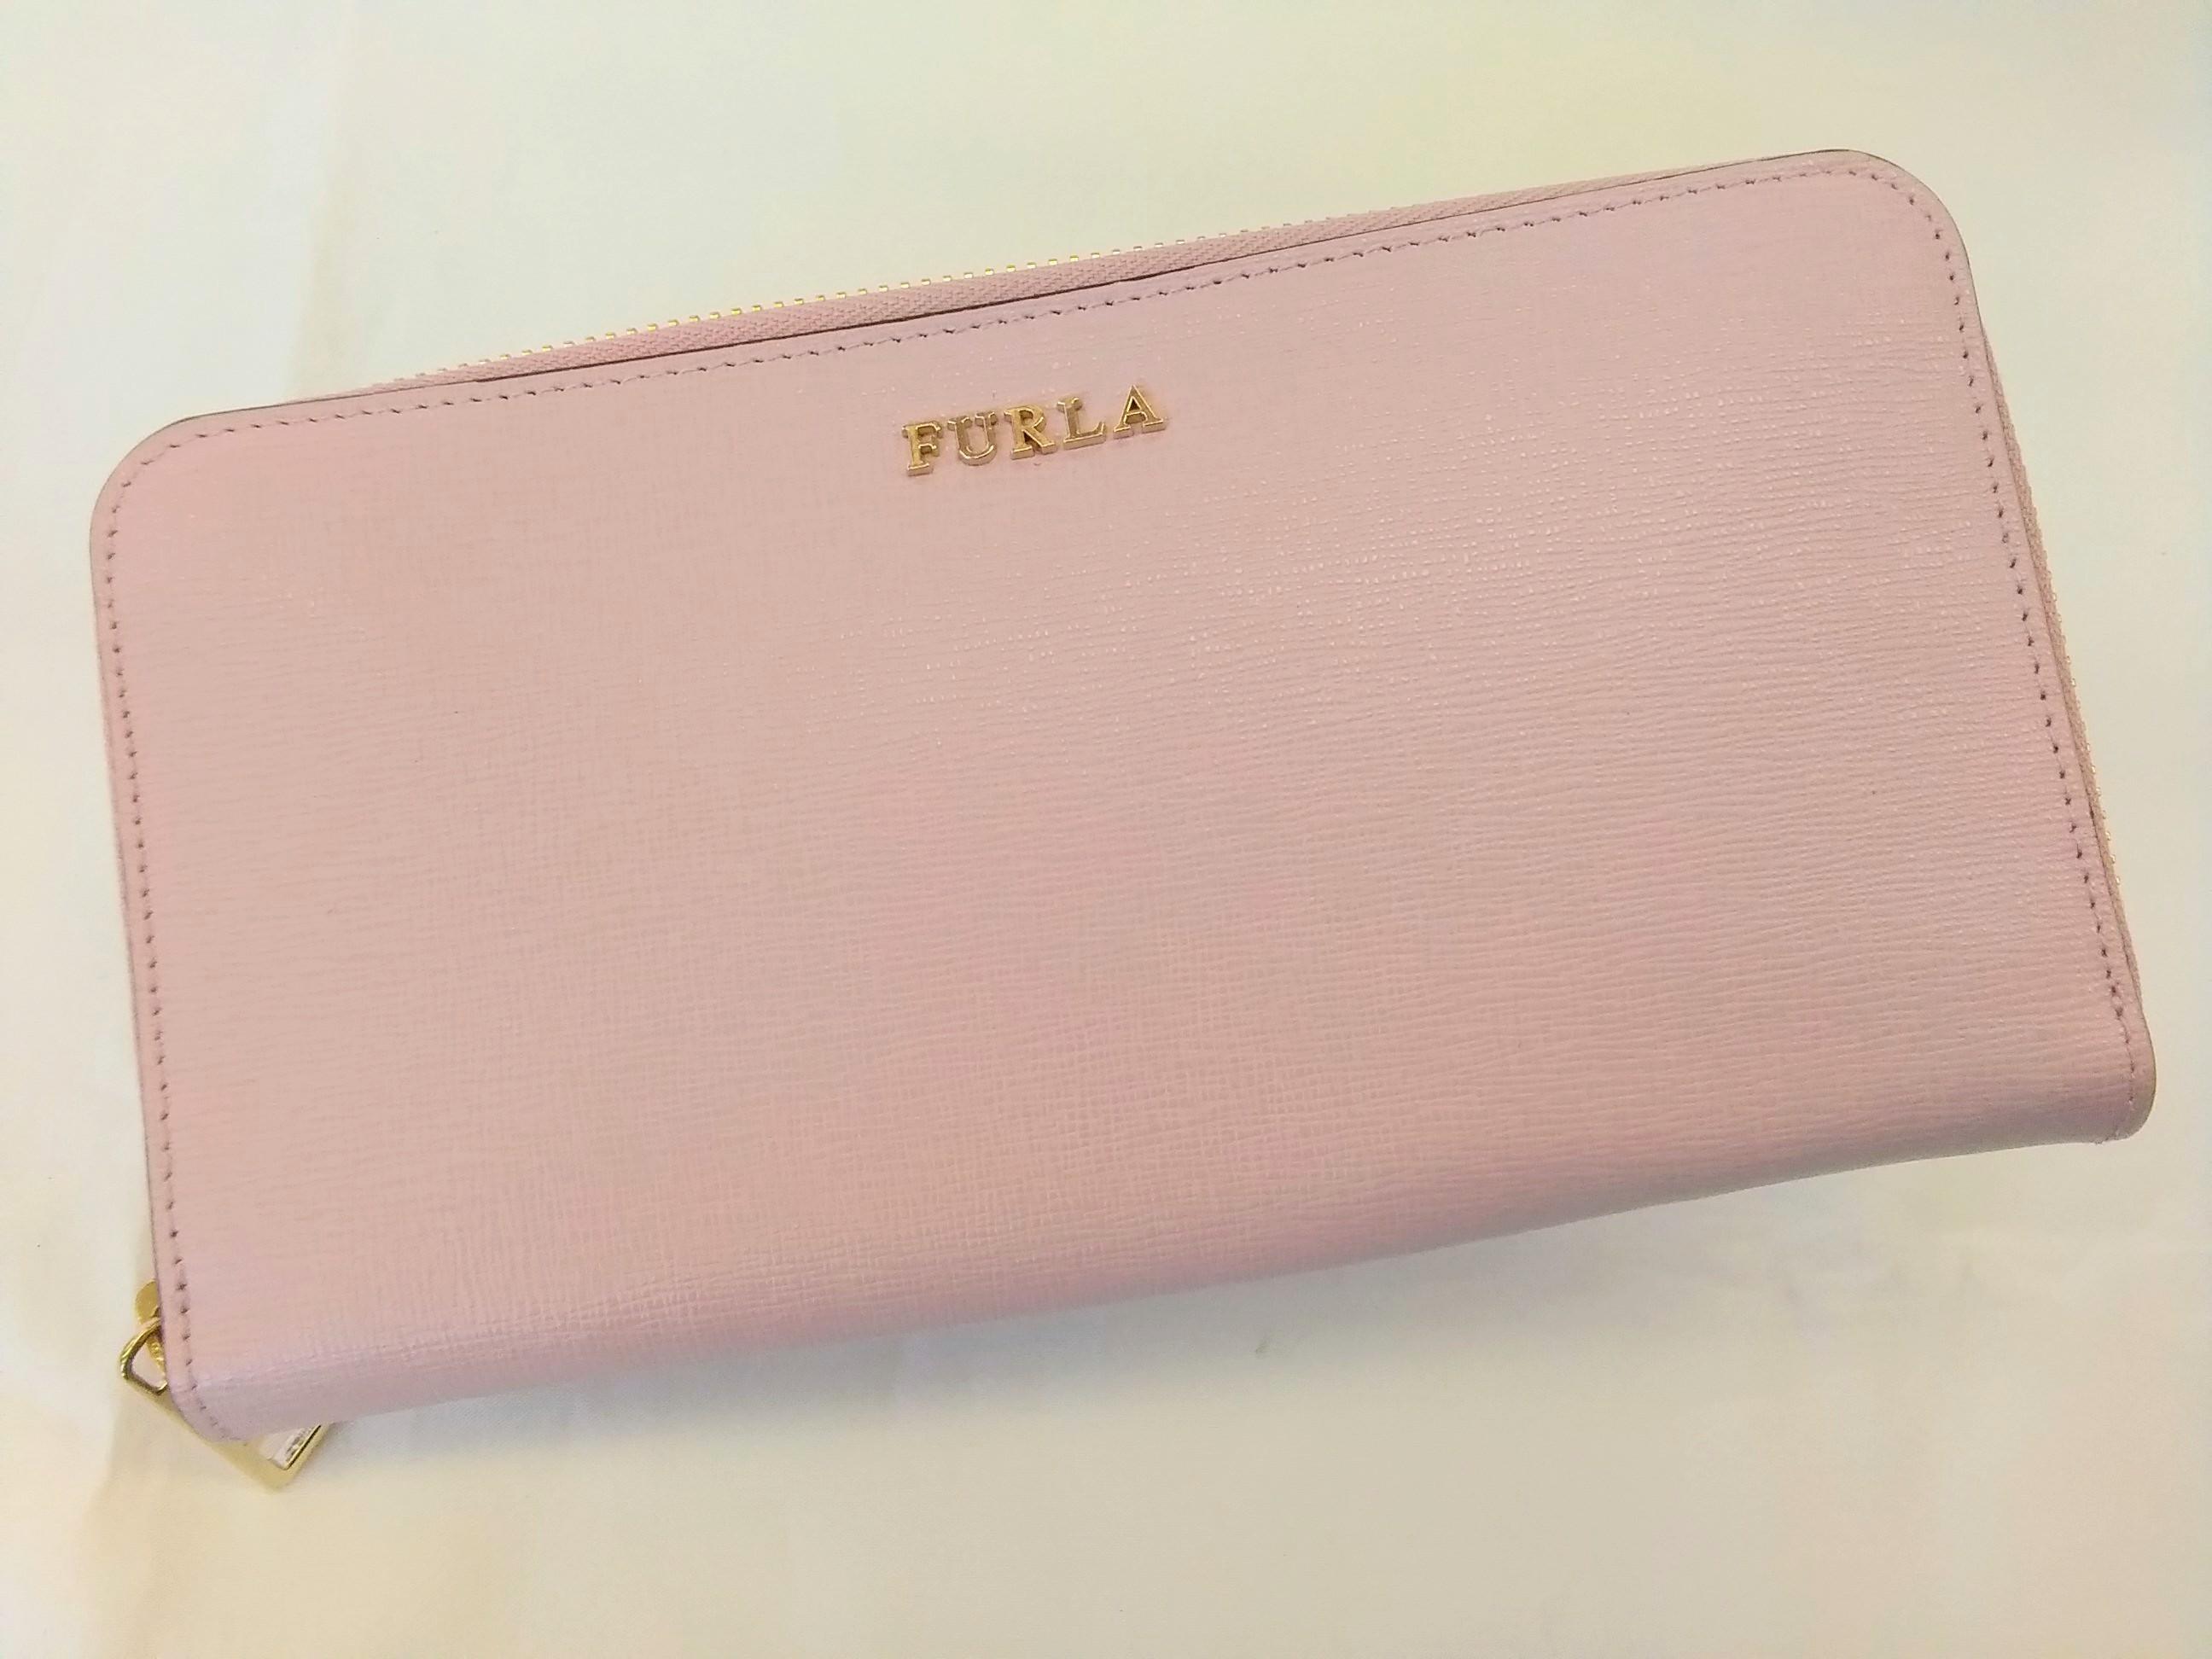 ラウンドジップ財布【ピンク】|FULRA【フルラ】【箱なし】